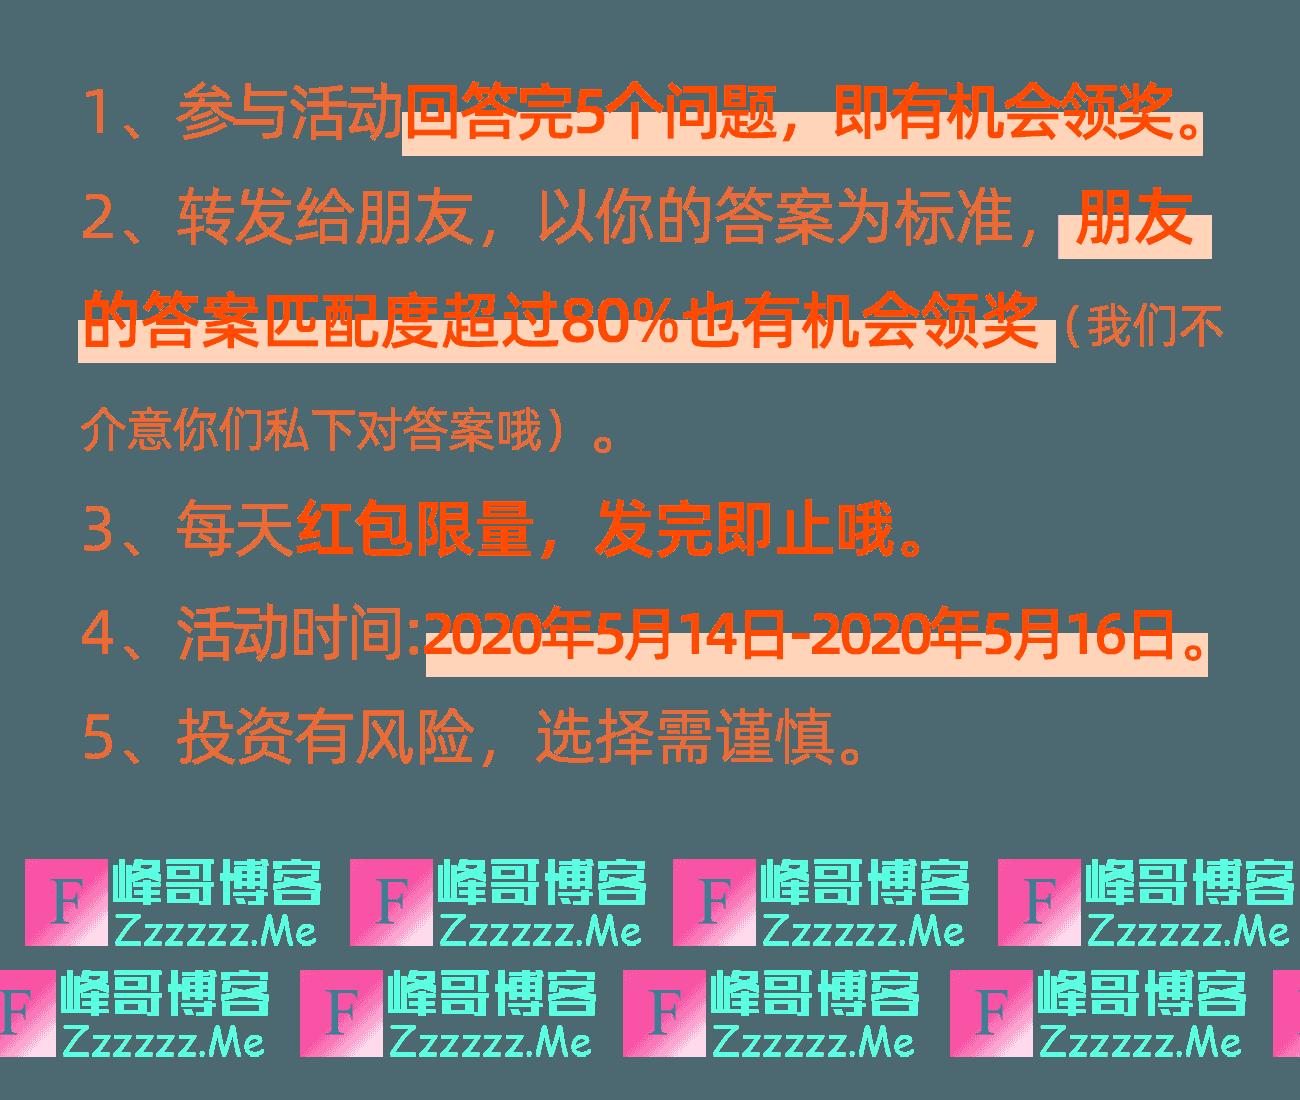 广发基金测默契 赢奖励(5月16日截止)